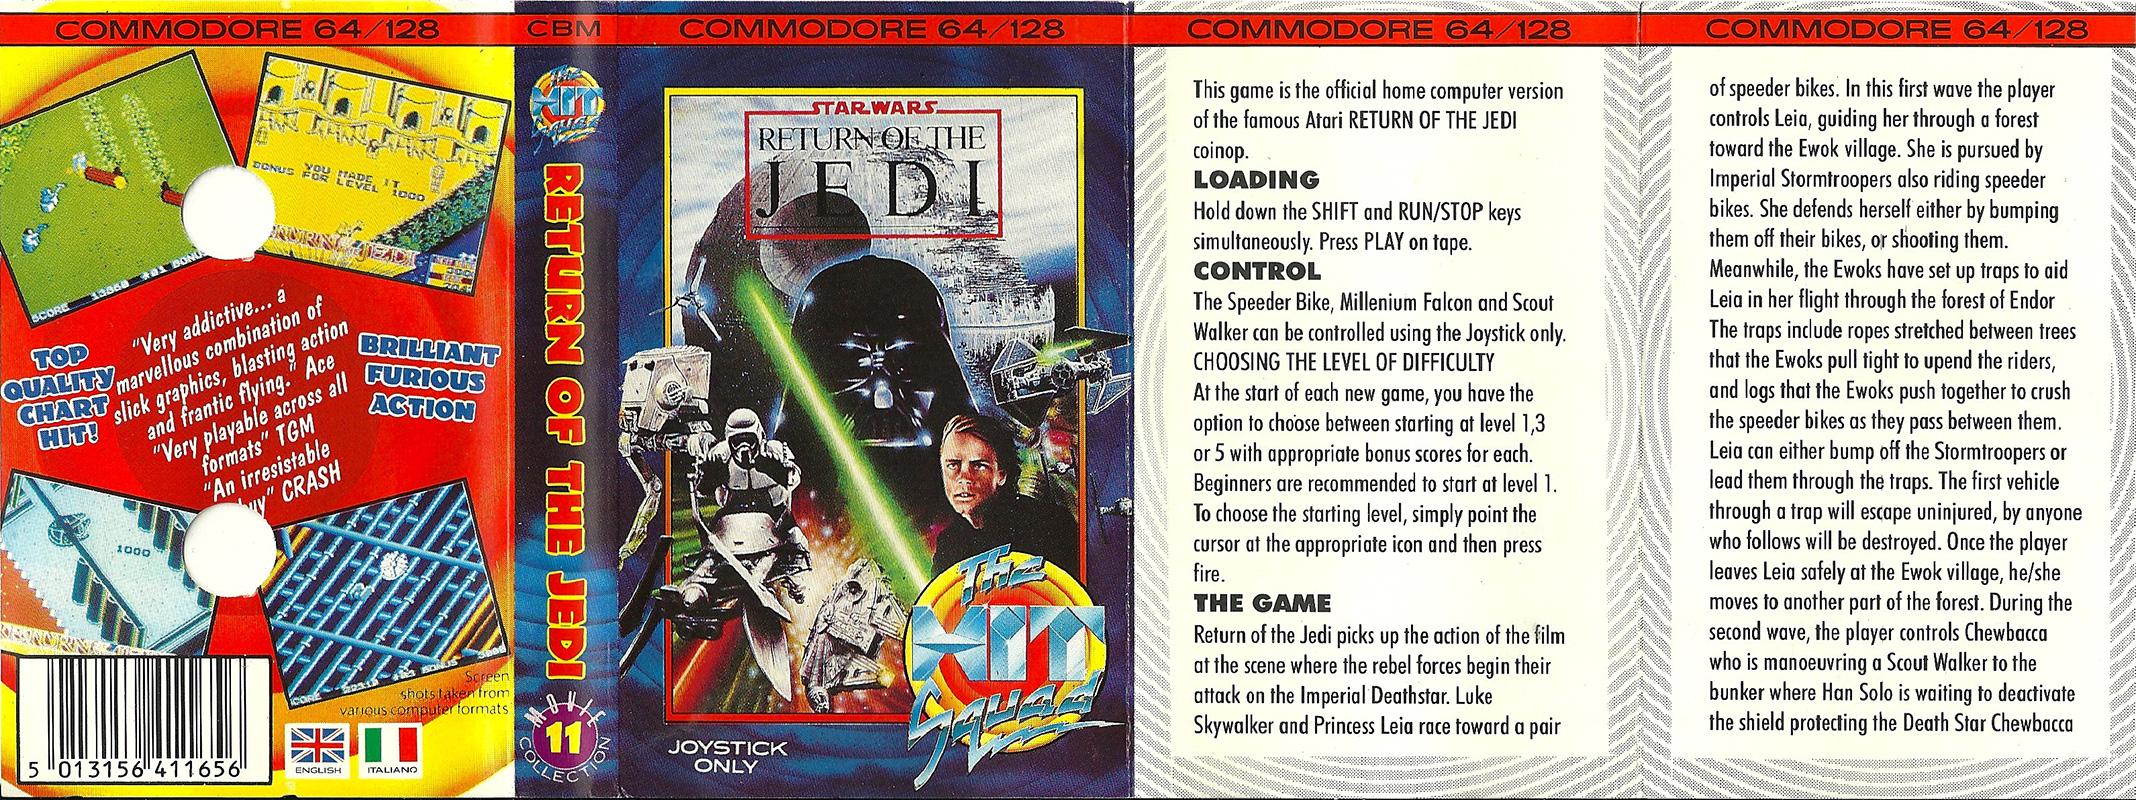 Commodore-C64-Star-Wars-Return-of-the-Jedi | Retro Video Gaming